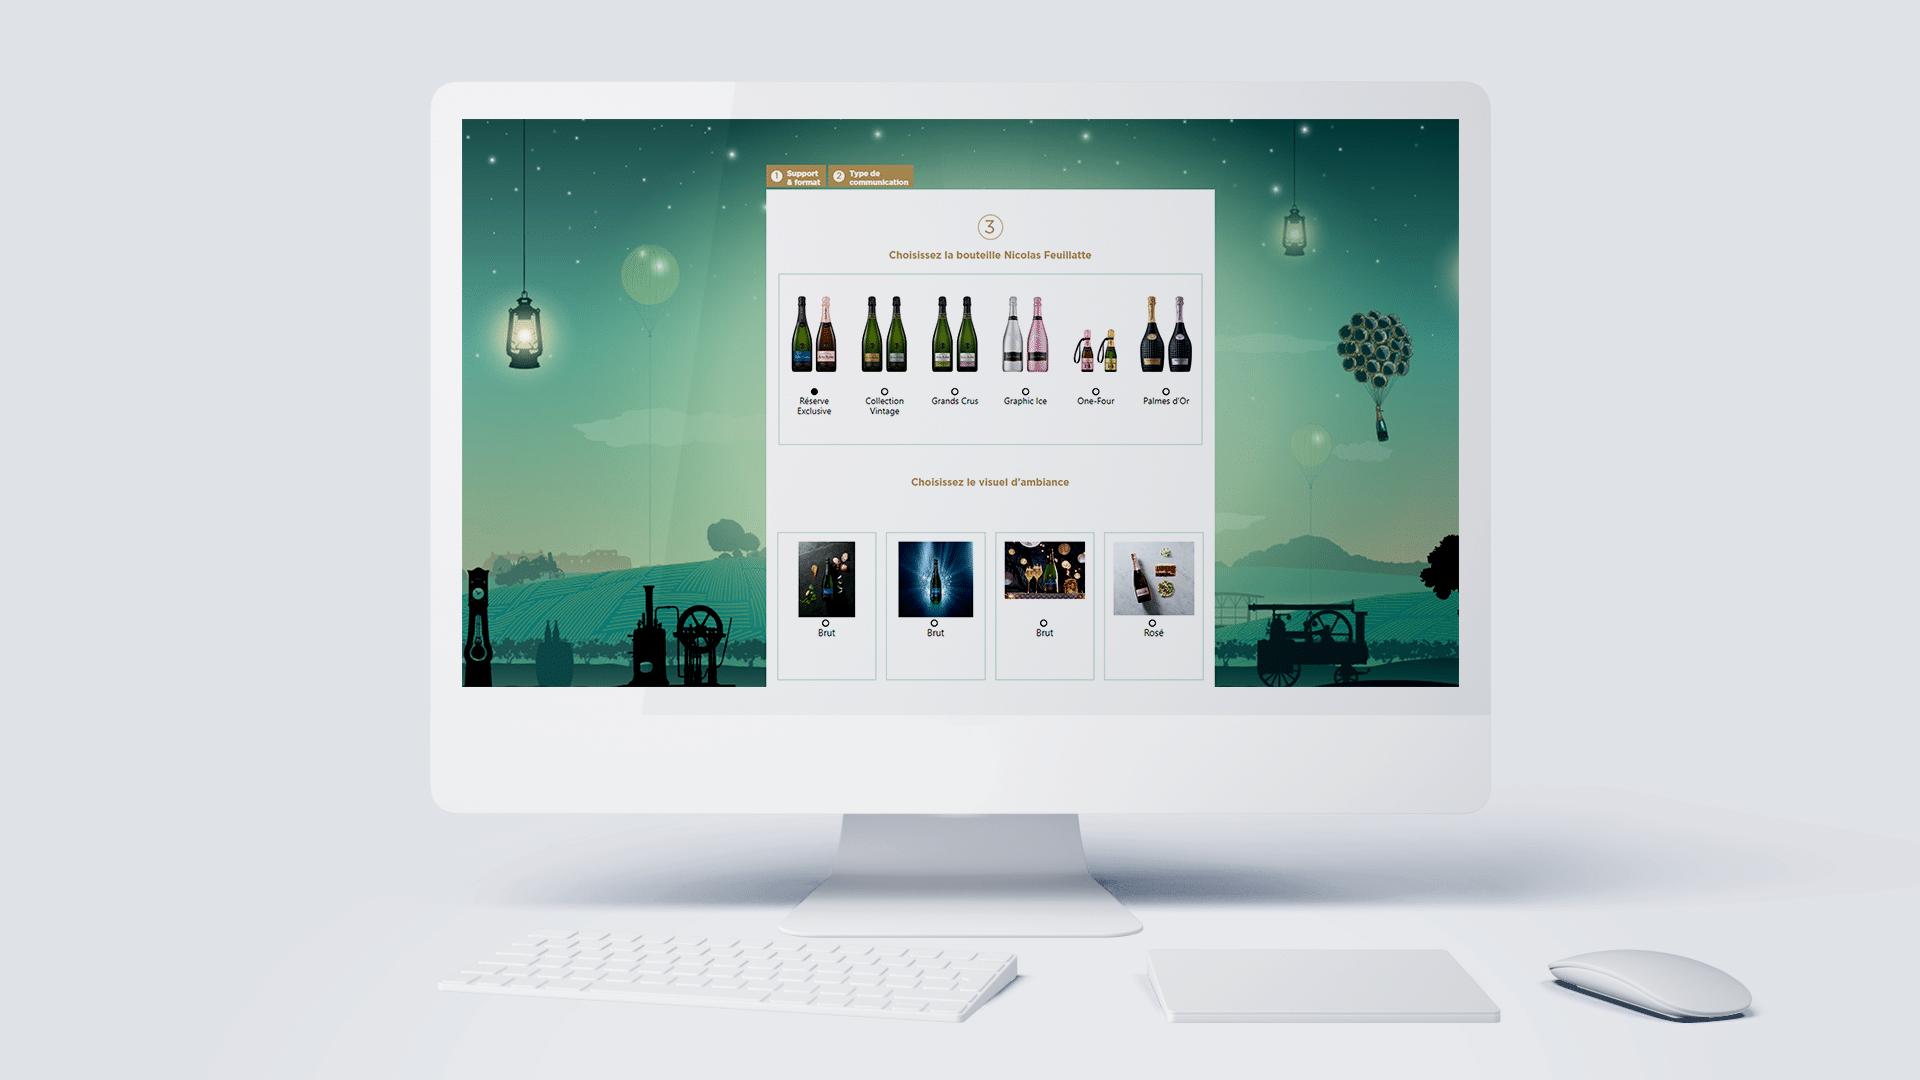 Module web to print My Creative Box de la marque de champagne Nicolas Feuillatte. Support réalisé par l'agence de communication digitale et print Siouxe.